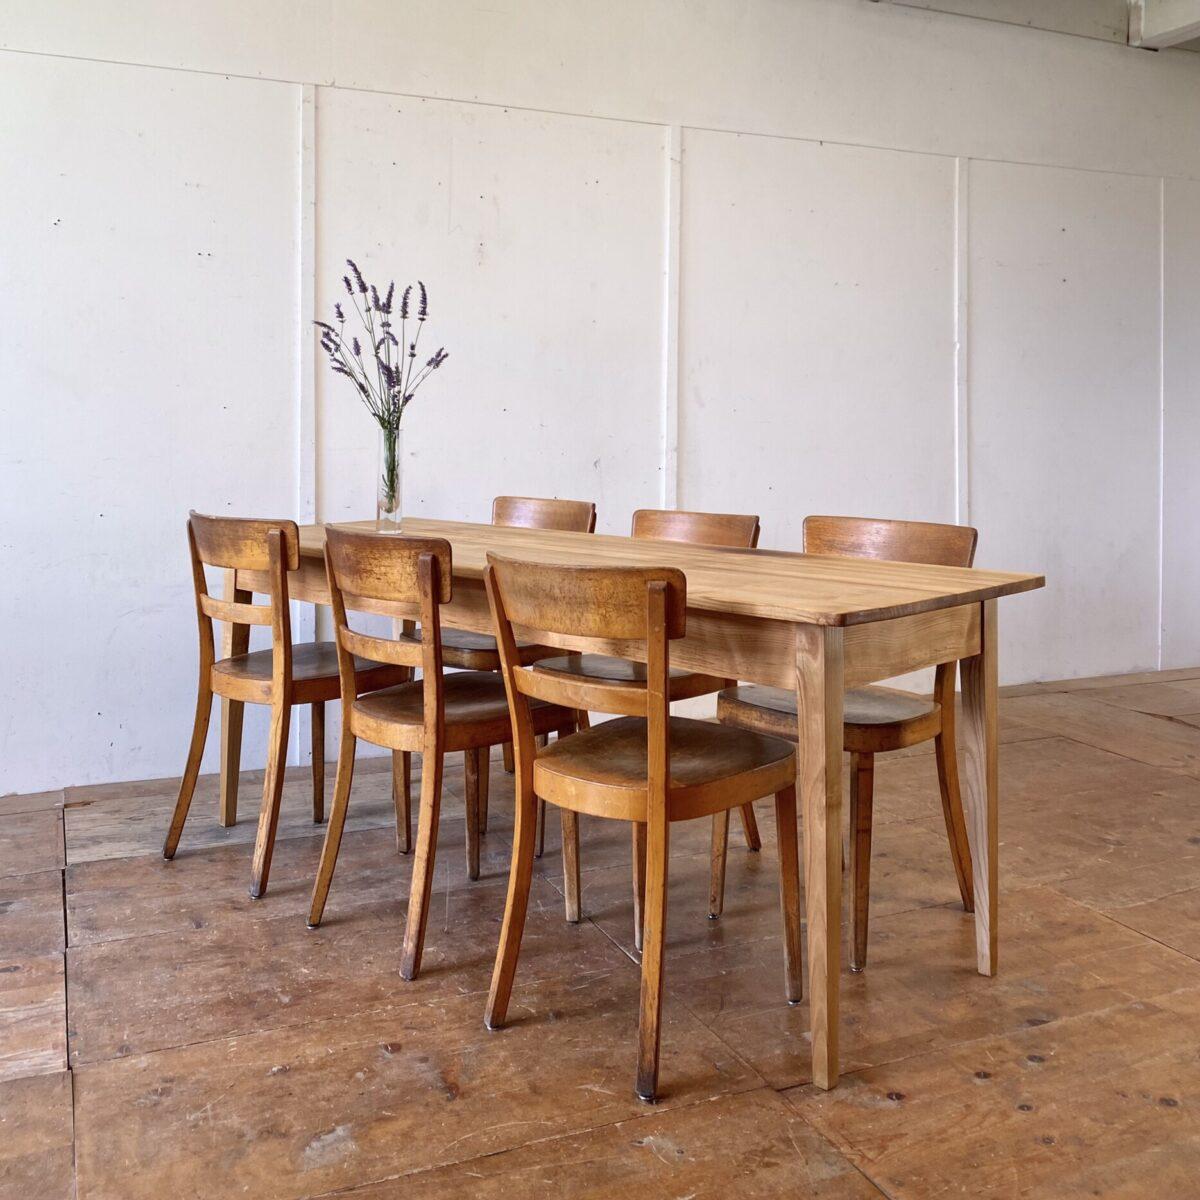 Deuxieme.shop swissdesign 60er Jahre Stühle. 6er Set Esszimmer Stühle von Horgenglarus, Jahrgang 1962. Die Sitzflächen sind aus Sperrholz mit Sitzmulde, die übrigen Teile aus Buche Vollholz, Dampfgebogen. Die Stühle sind in Original Zustand mit lebhafter Alterspatina. Technische Mängel sind restauriert.